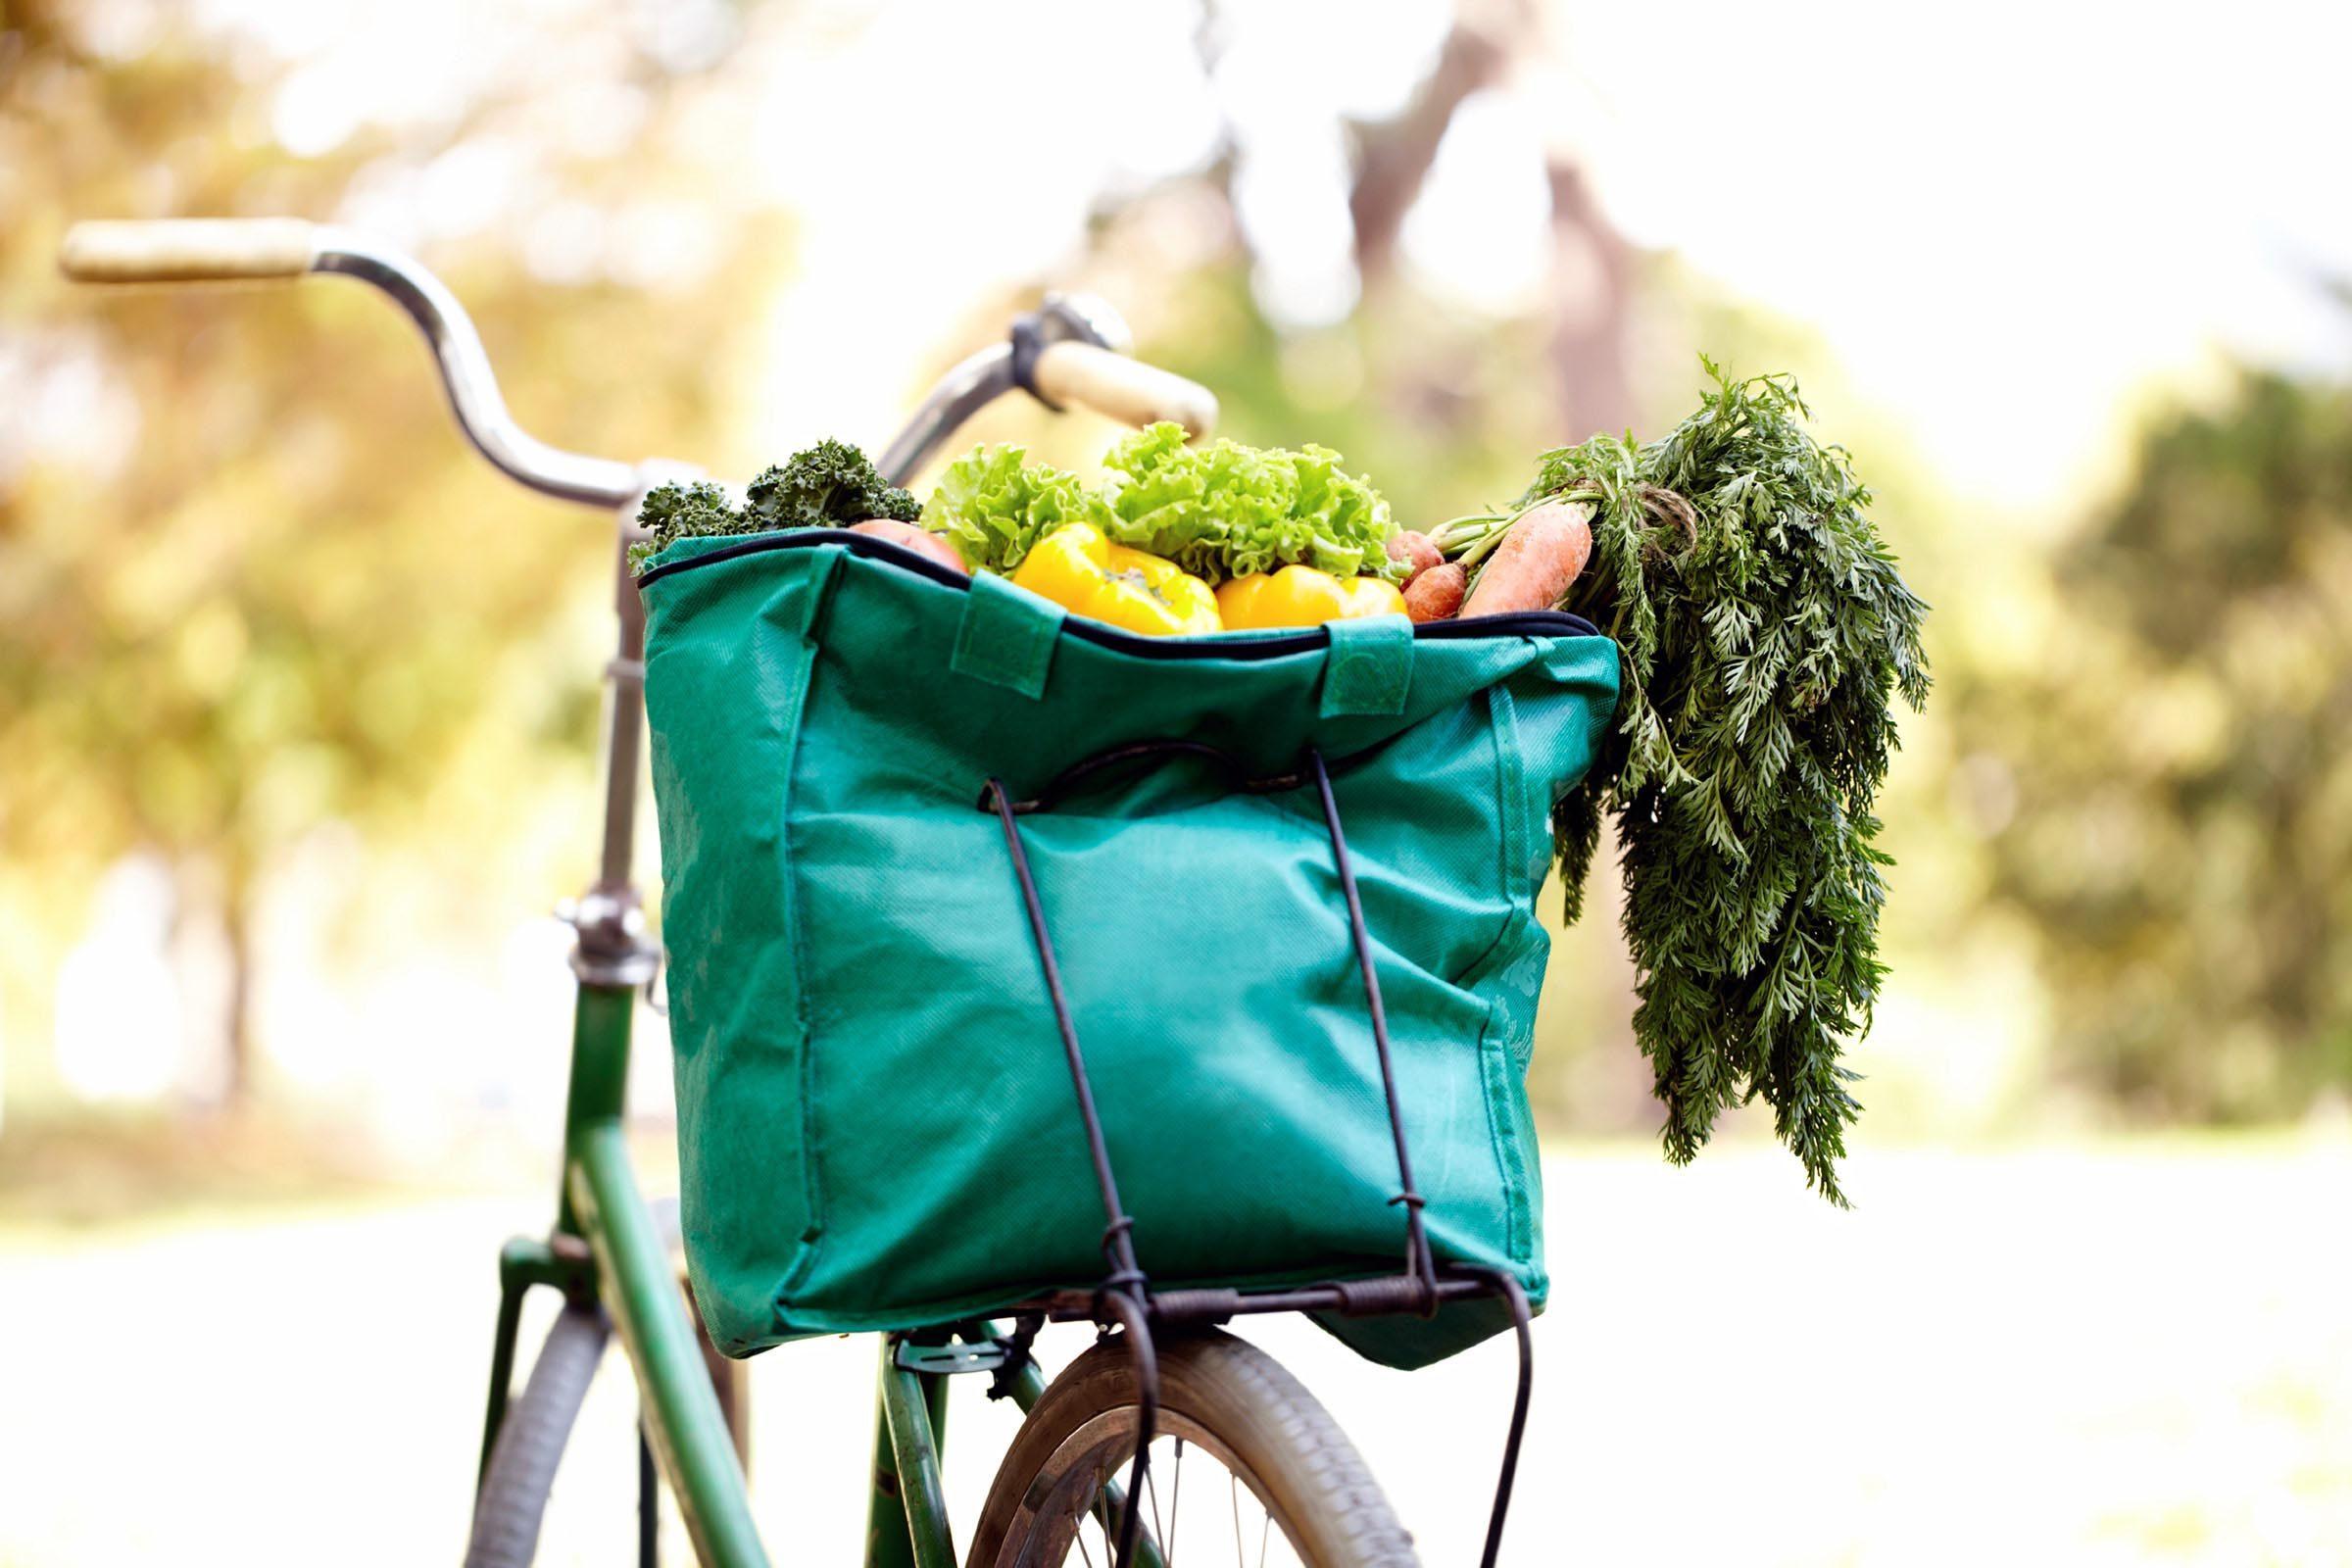 La laveuse peut servir à nettoyer vos sac réutilisables.